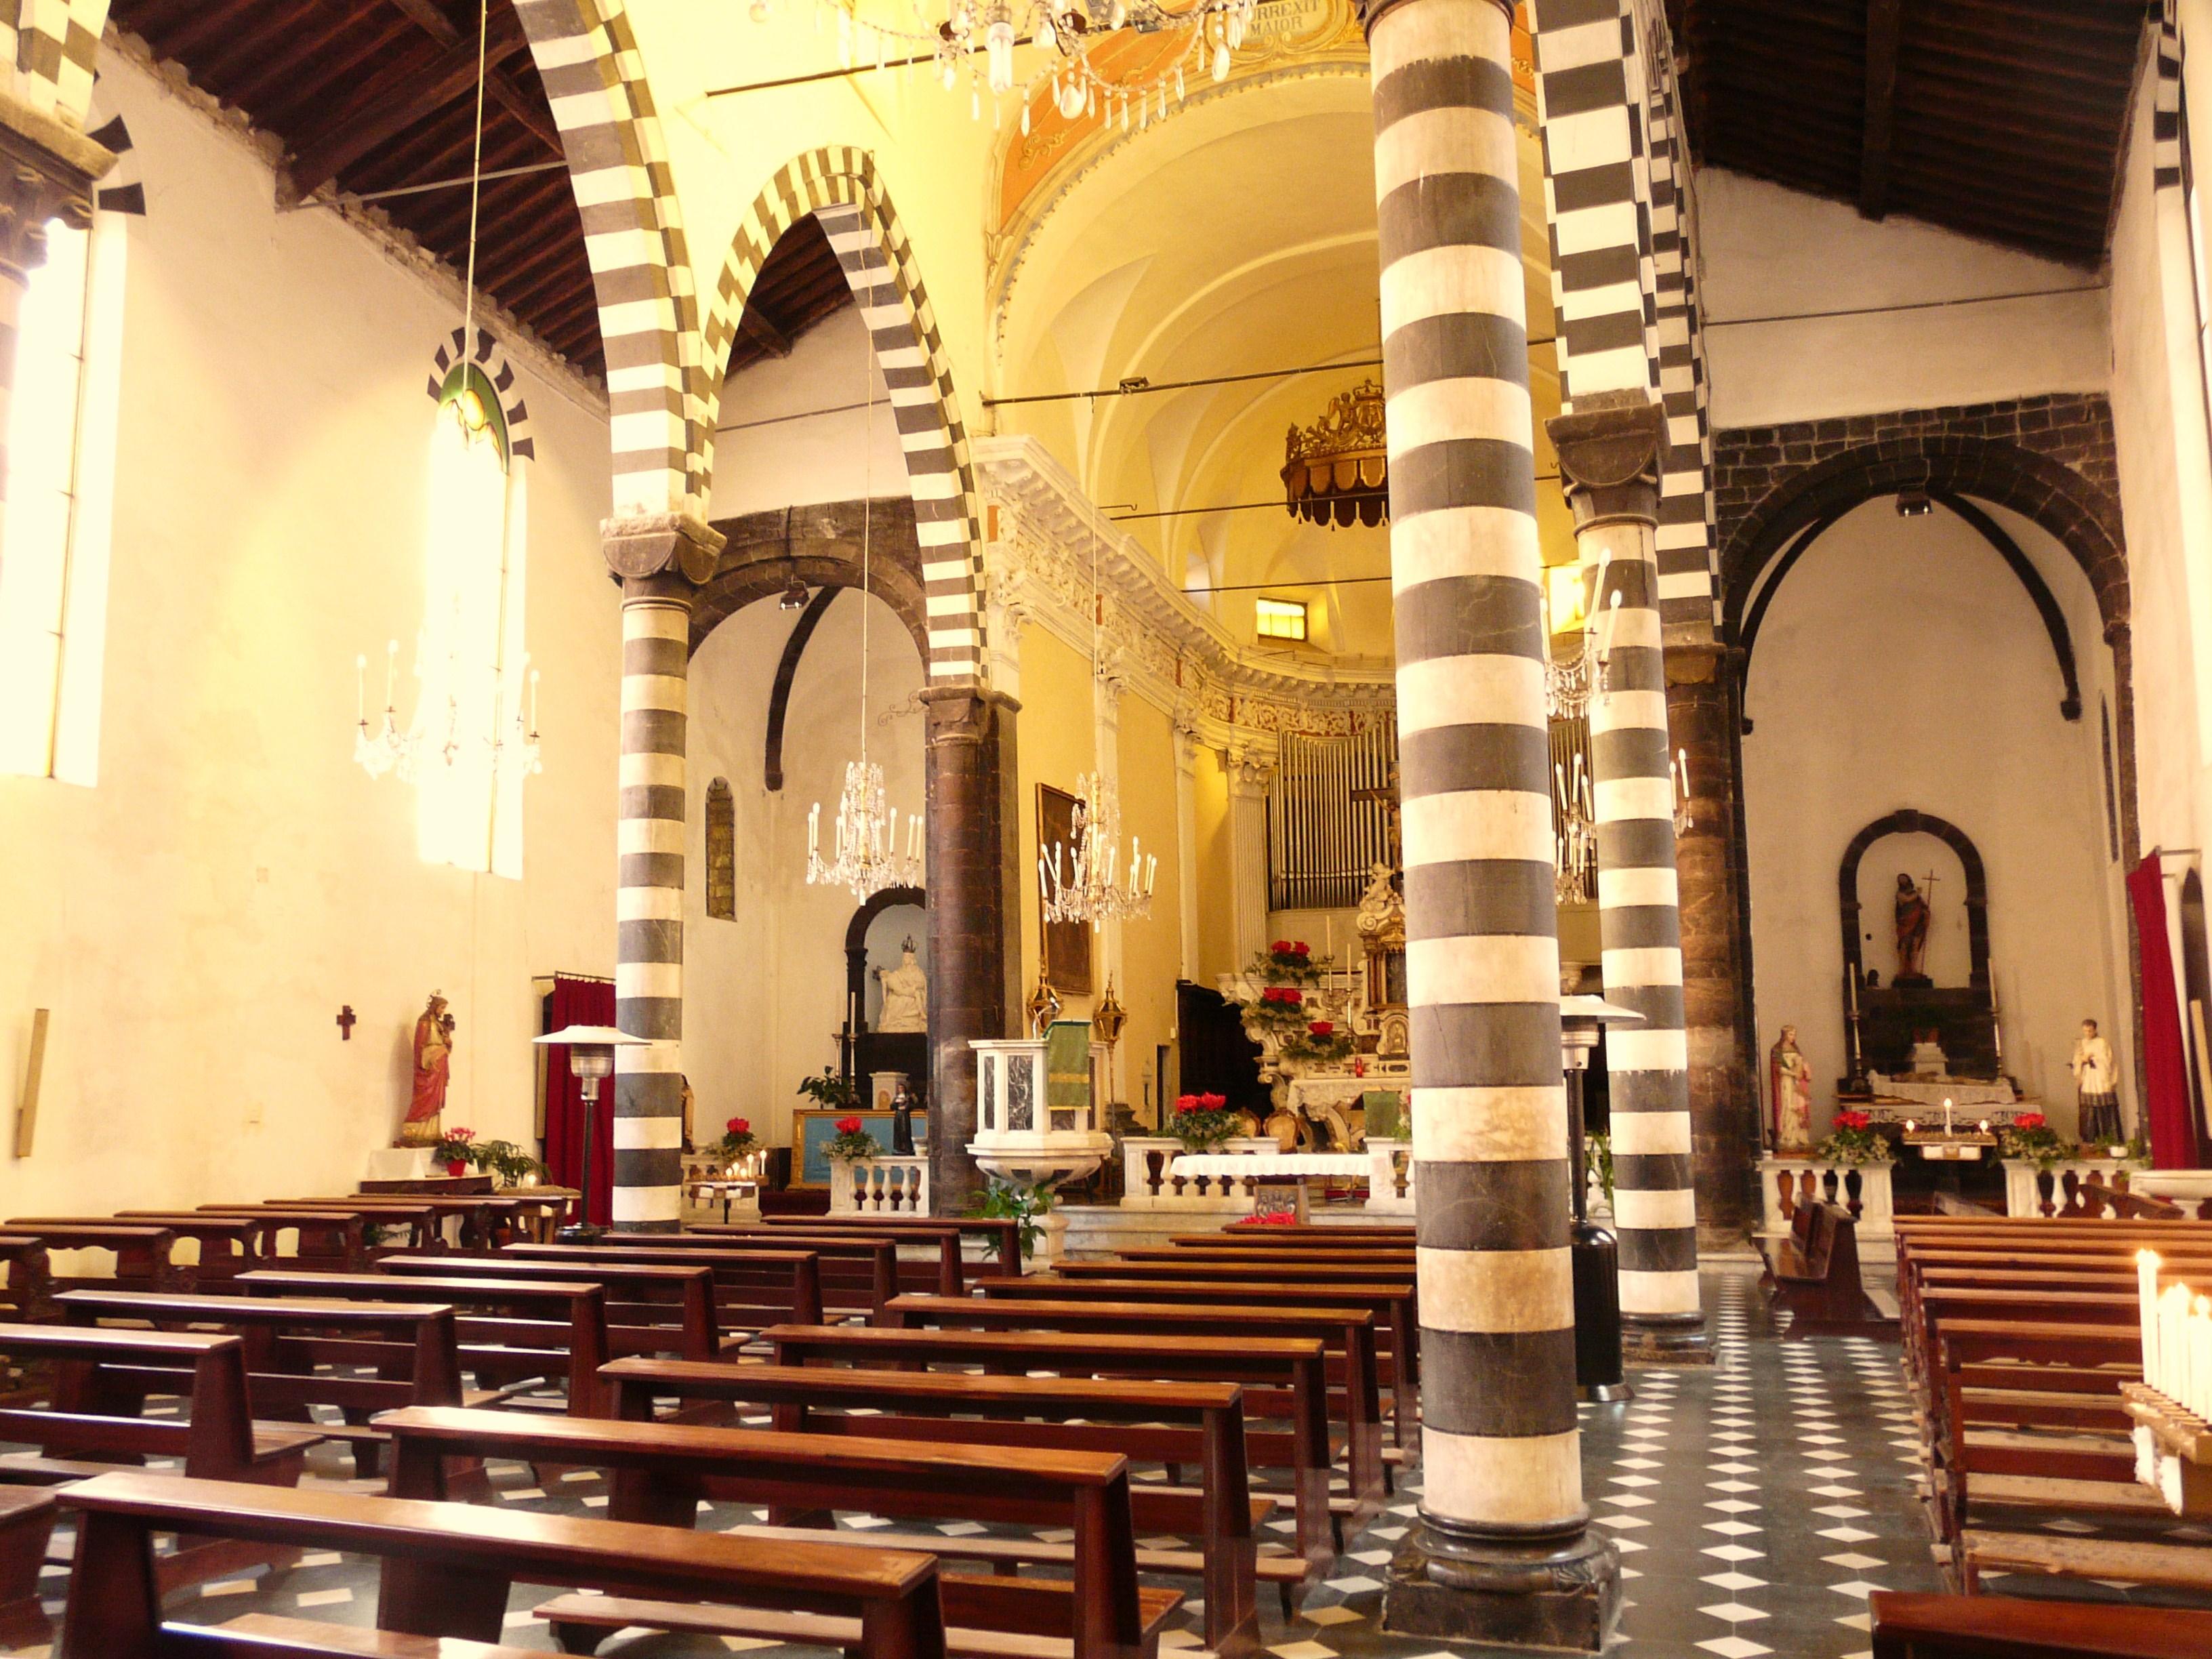 file monterosso al mare-chiesa san giovanni battista-navata centrale2 jpg